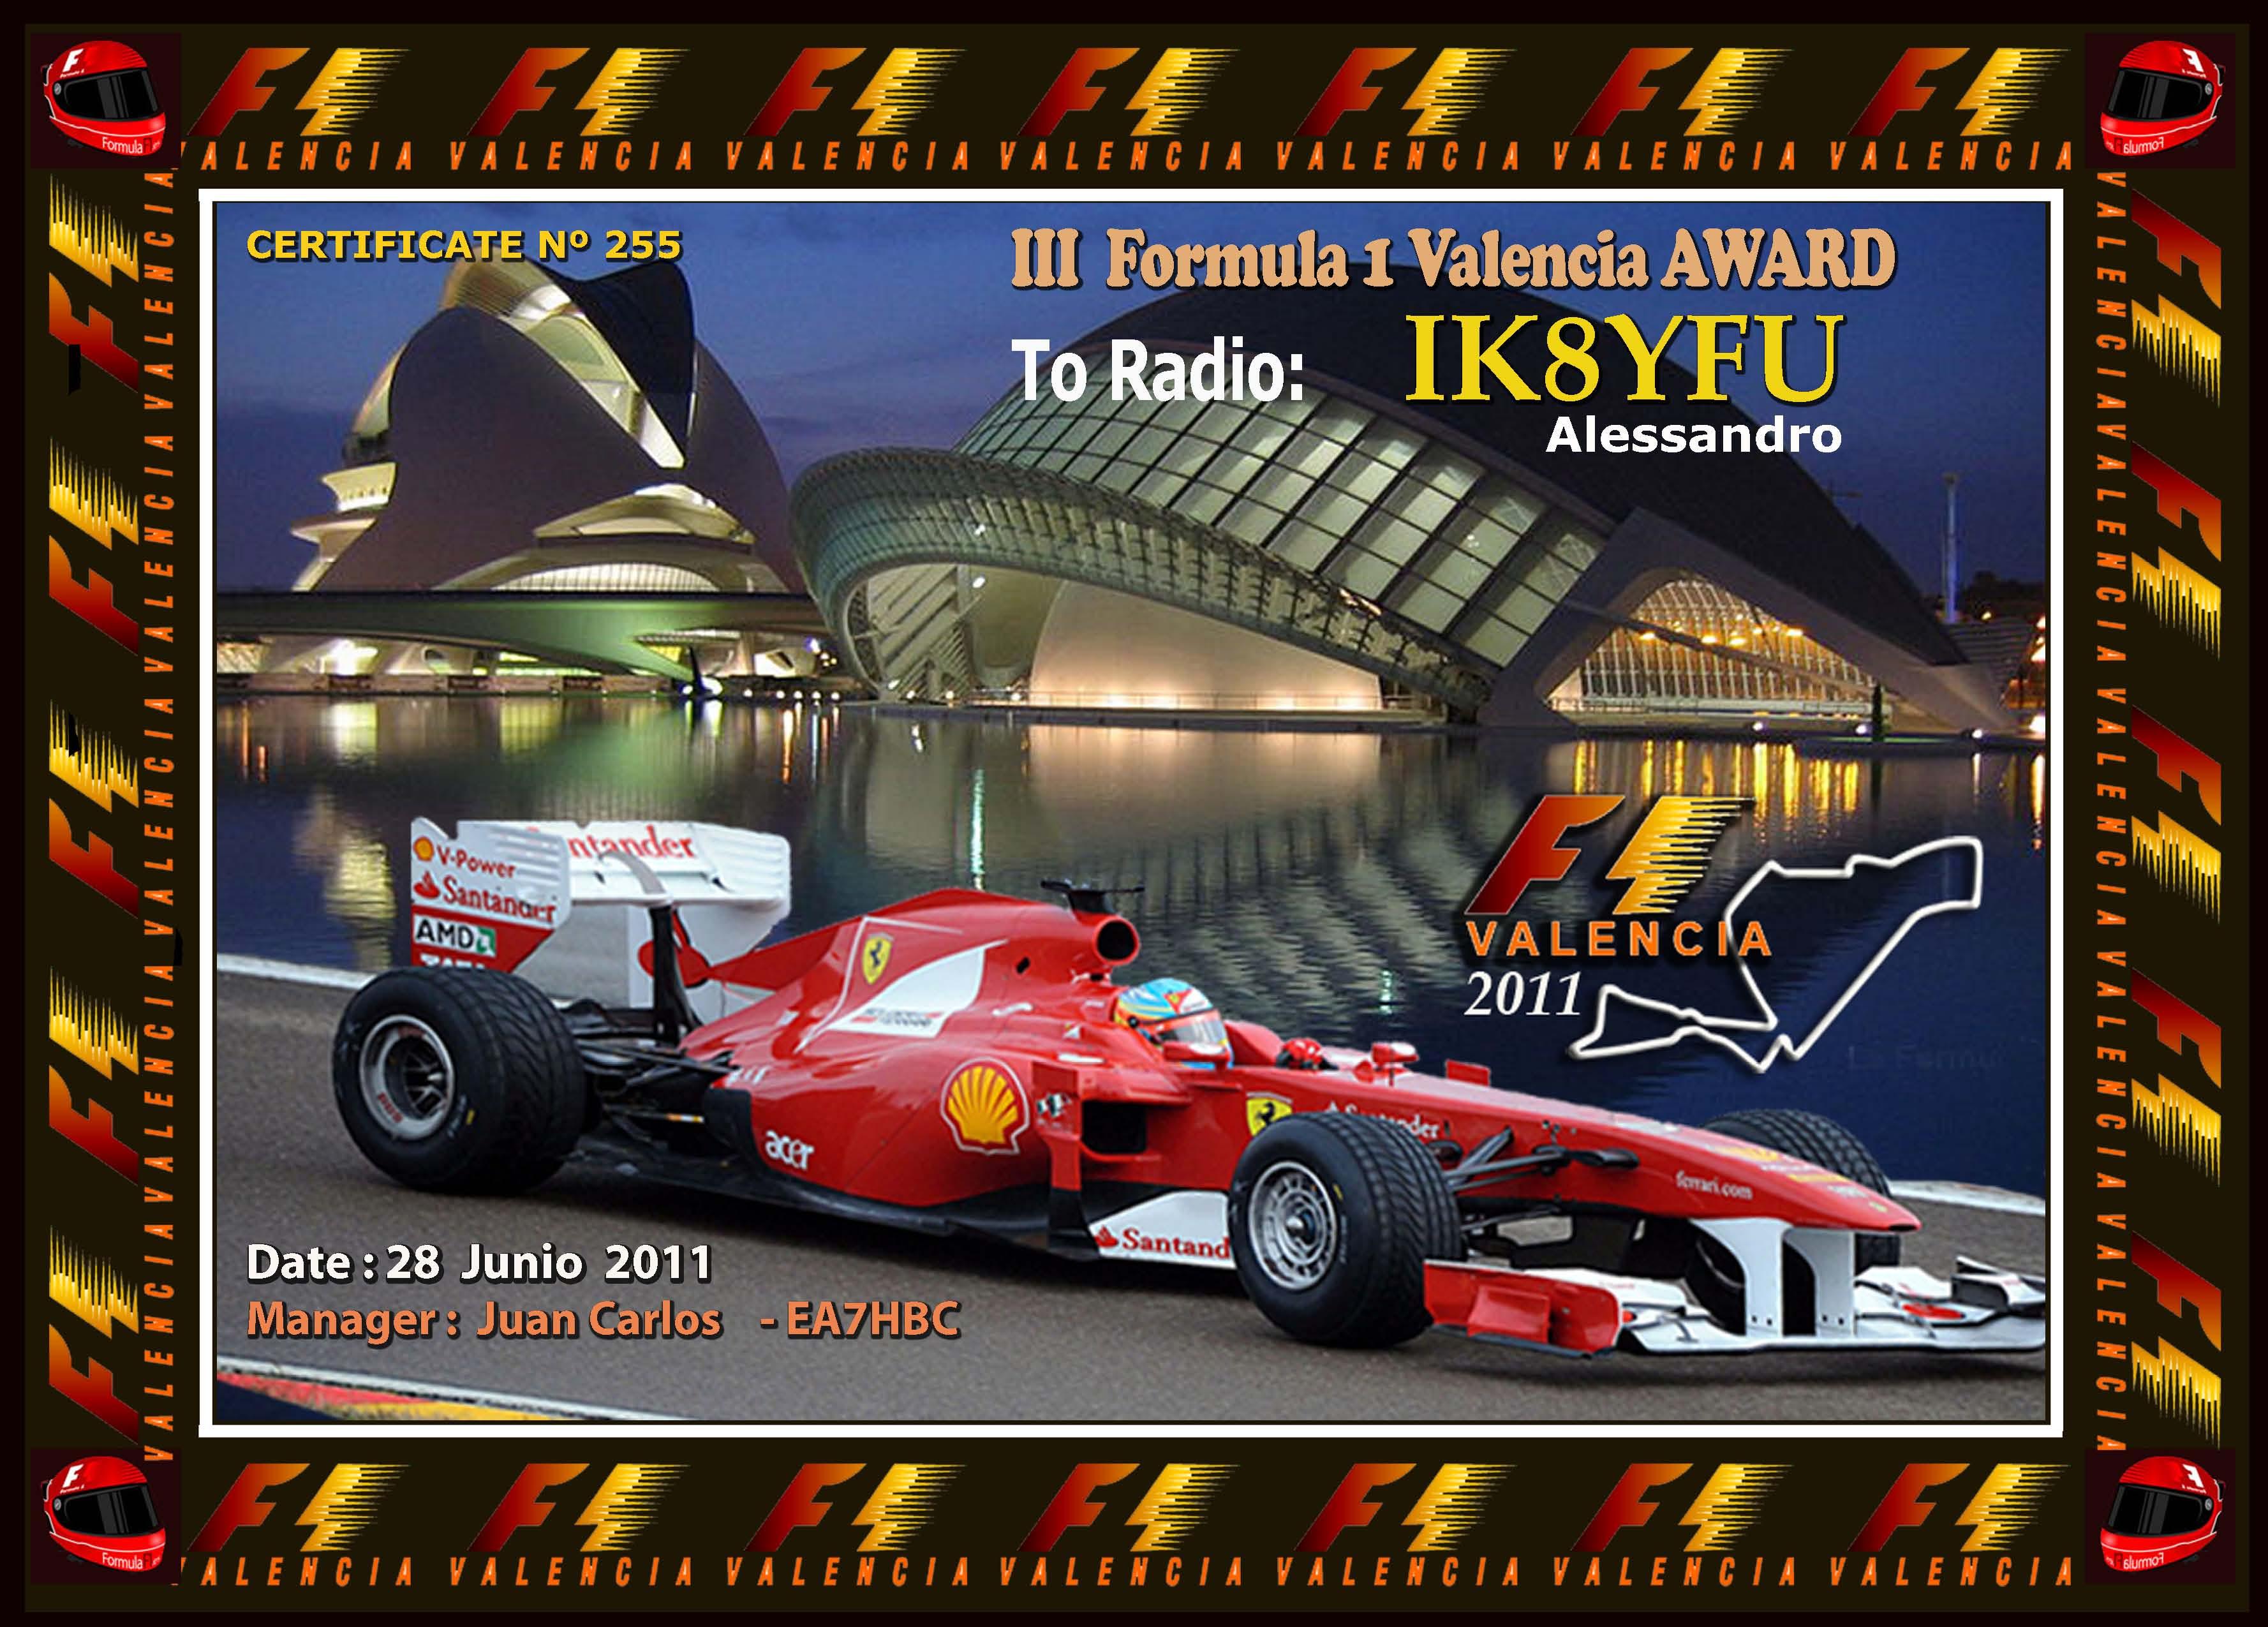 F1 Valencia 2011  AWARD